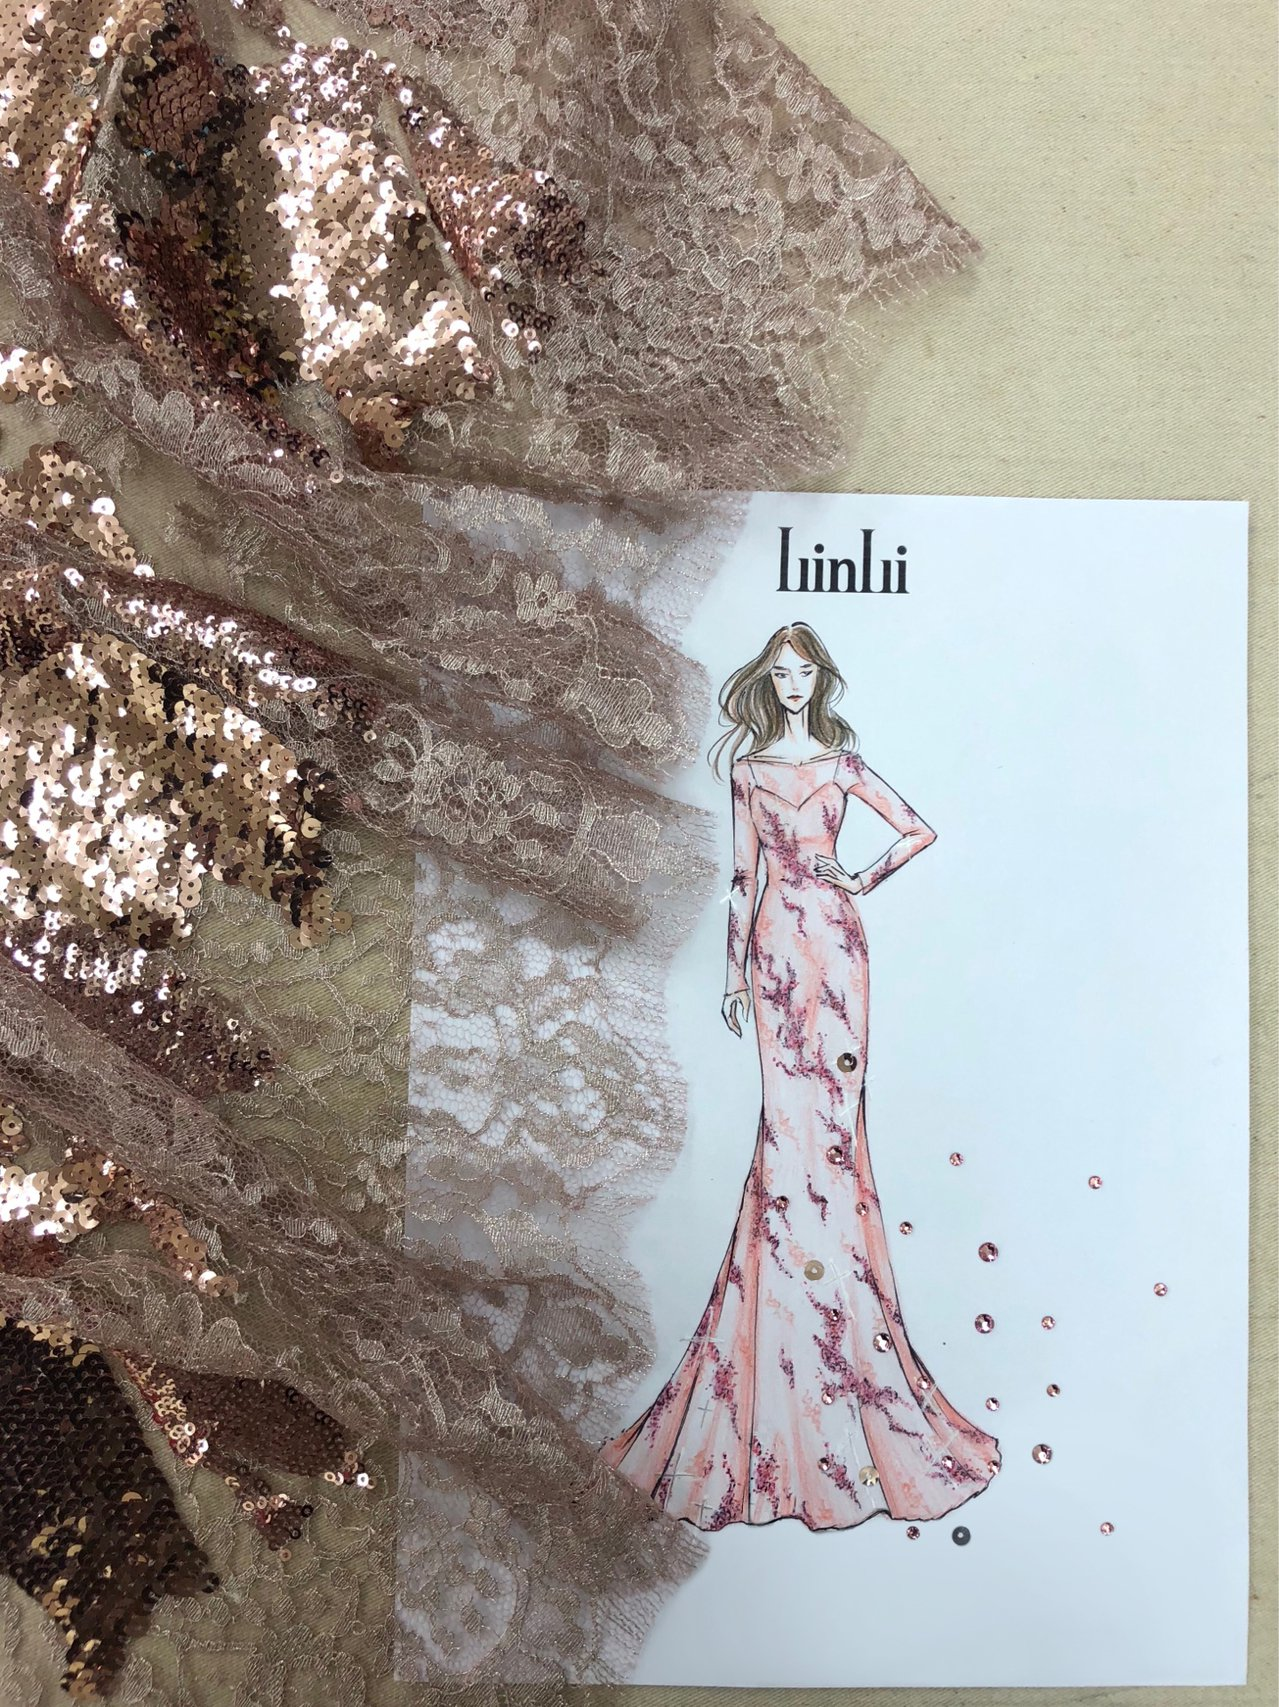 坣娜婚宴晚禮服設計手稿。圖/林莉婚紗提供